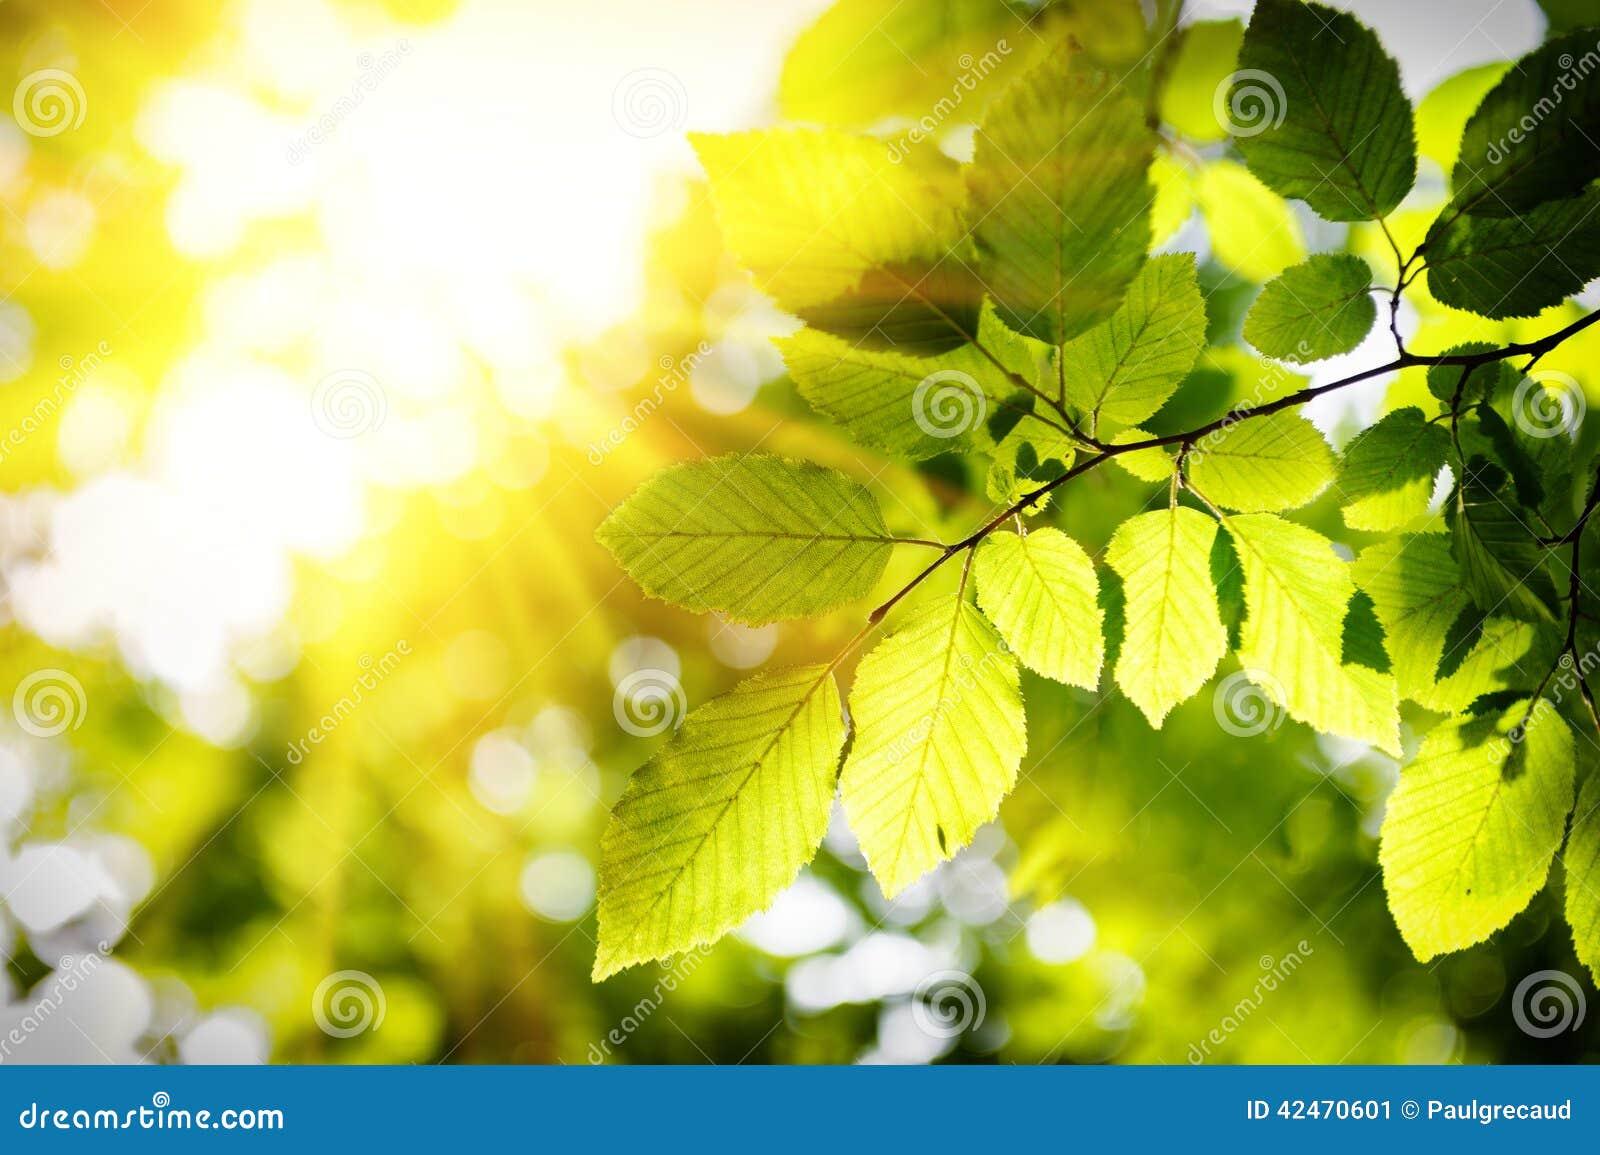 Sonniger Hintergrund mit grünen Blättern